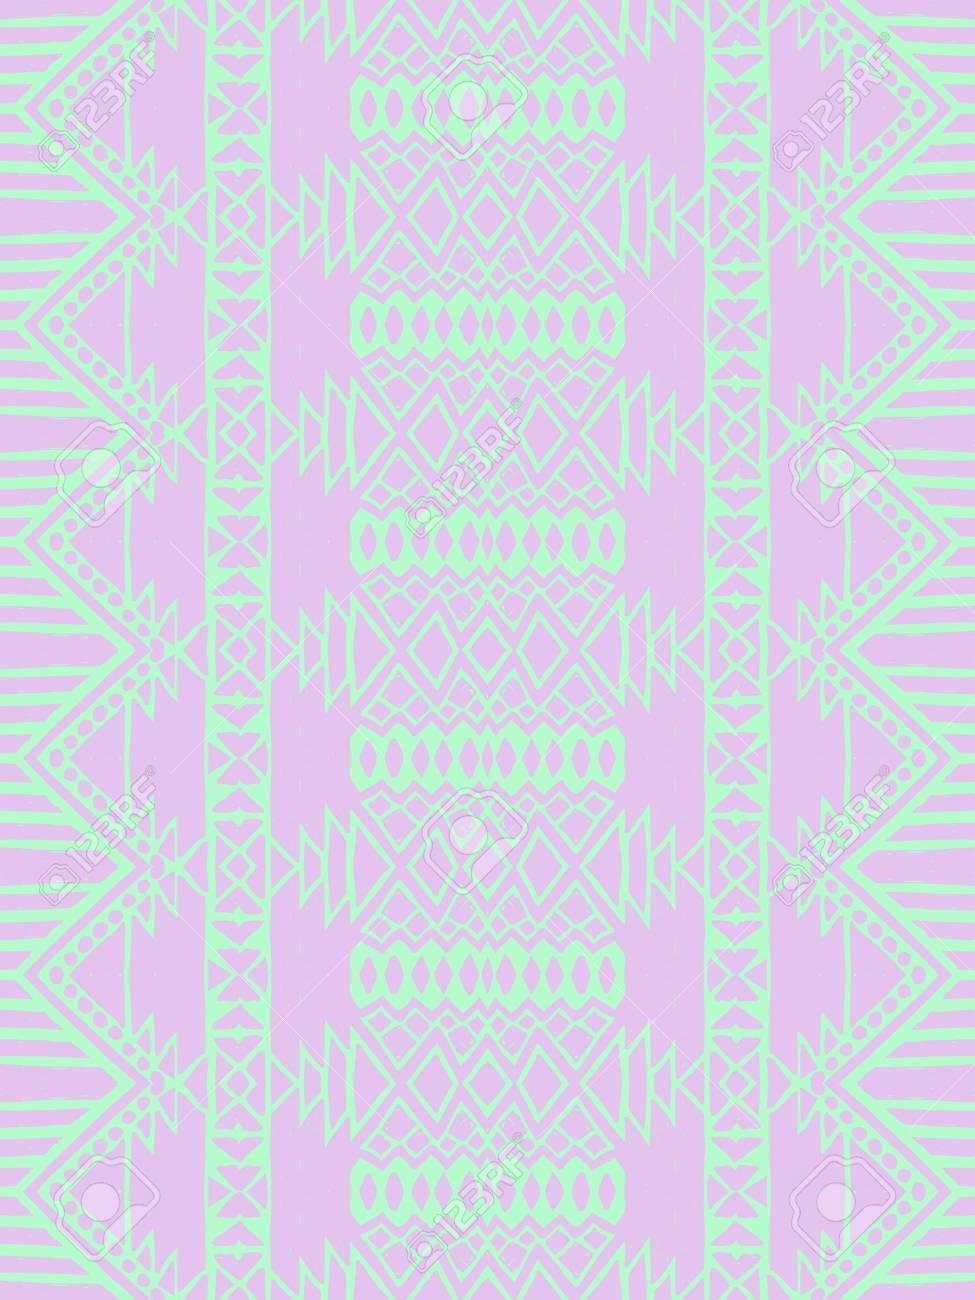 se rosa minze aztec stammes mexikanischen nahtlose muster hipster boho chic hintergrund trendy layout art luxus druck hintergrund papier - Bastelpapier Muster